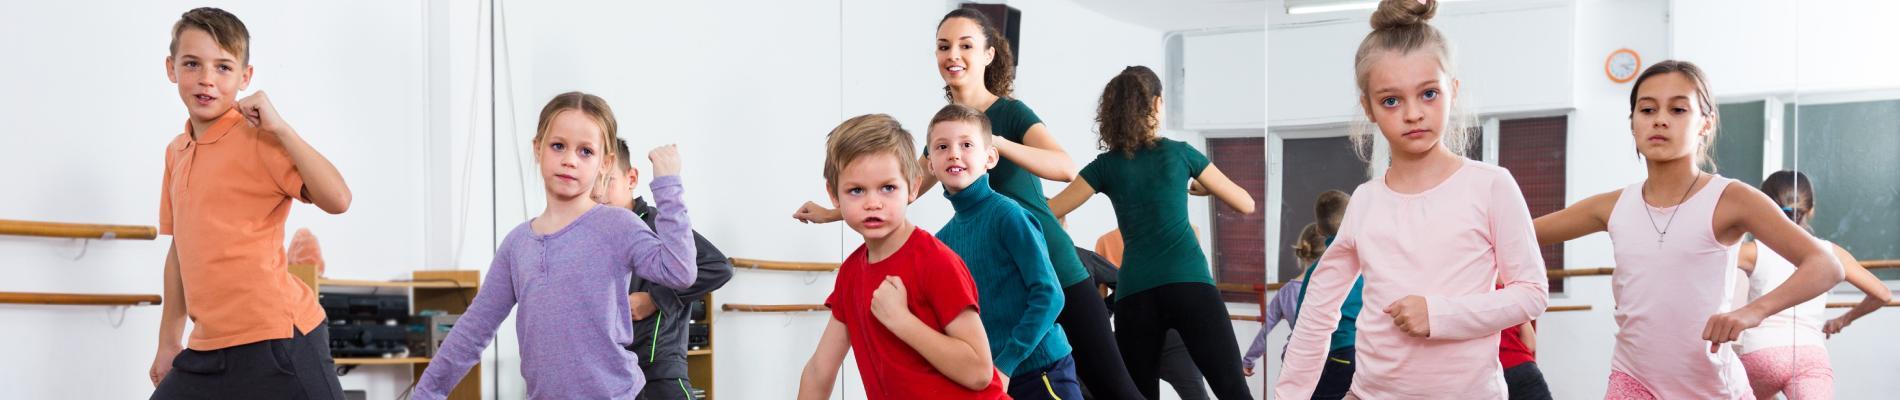 La santé des enfants par l'activité physique : Assurance Prévention partenaire d'Actibloom